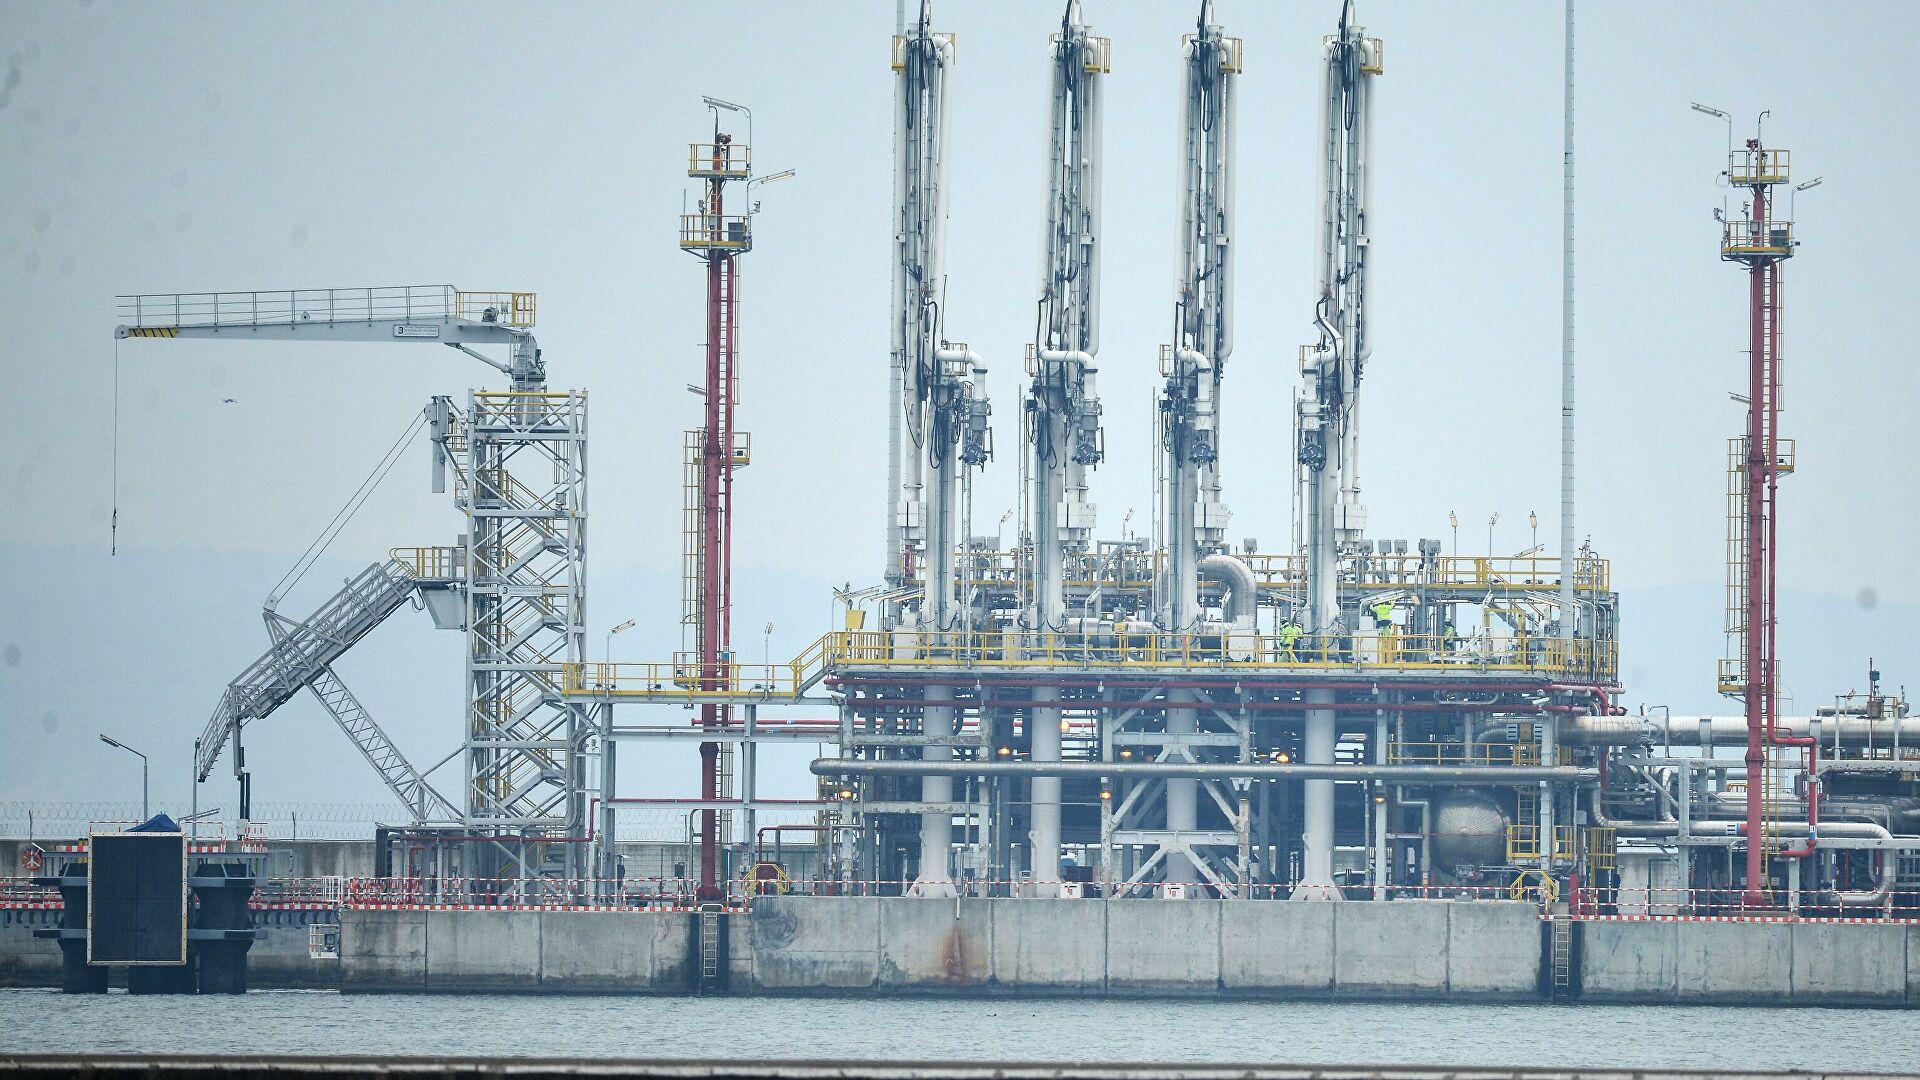 Пушков: Европа схватила да не енергетски не може опстати без руског гаса